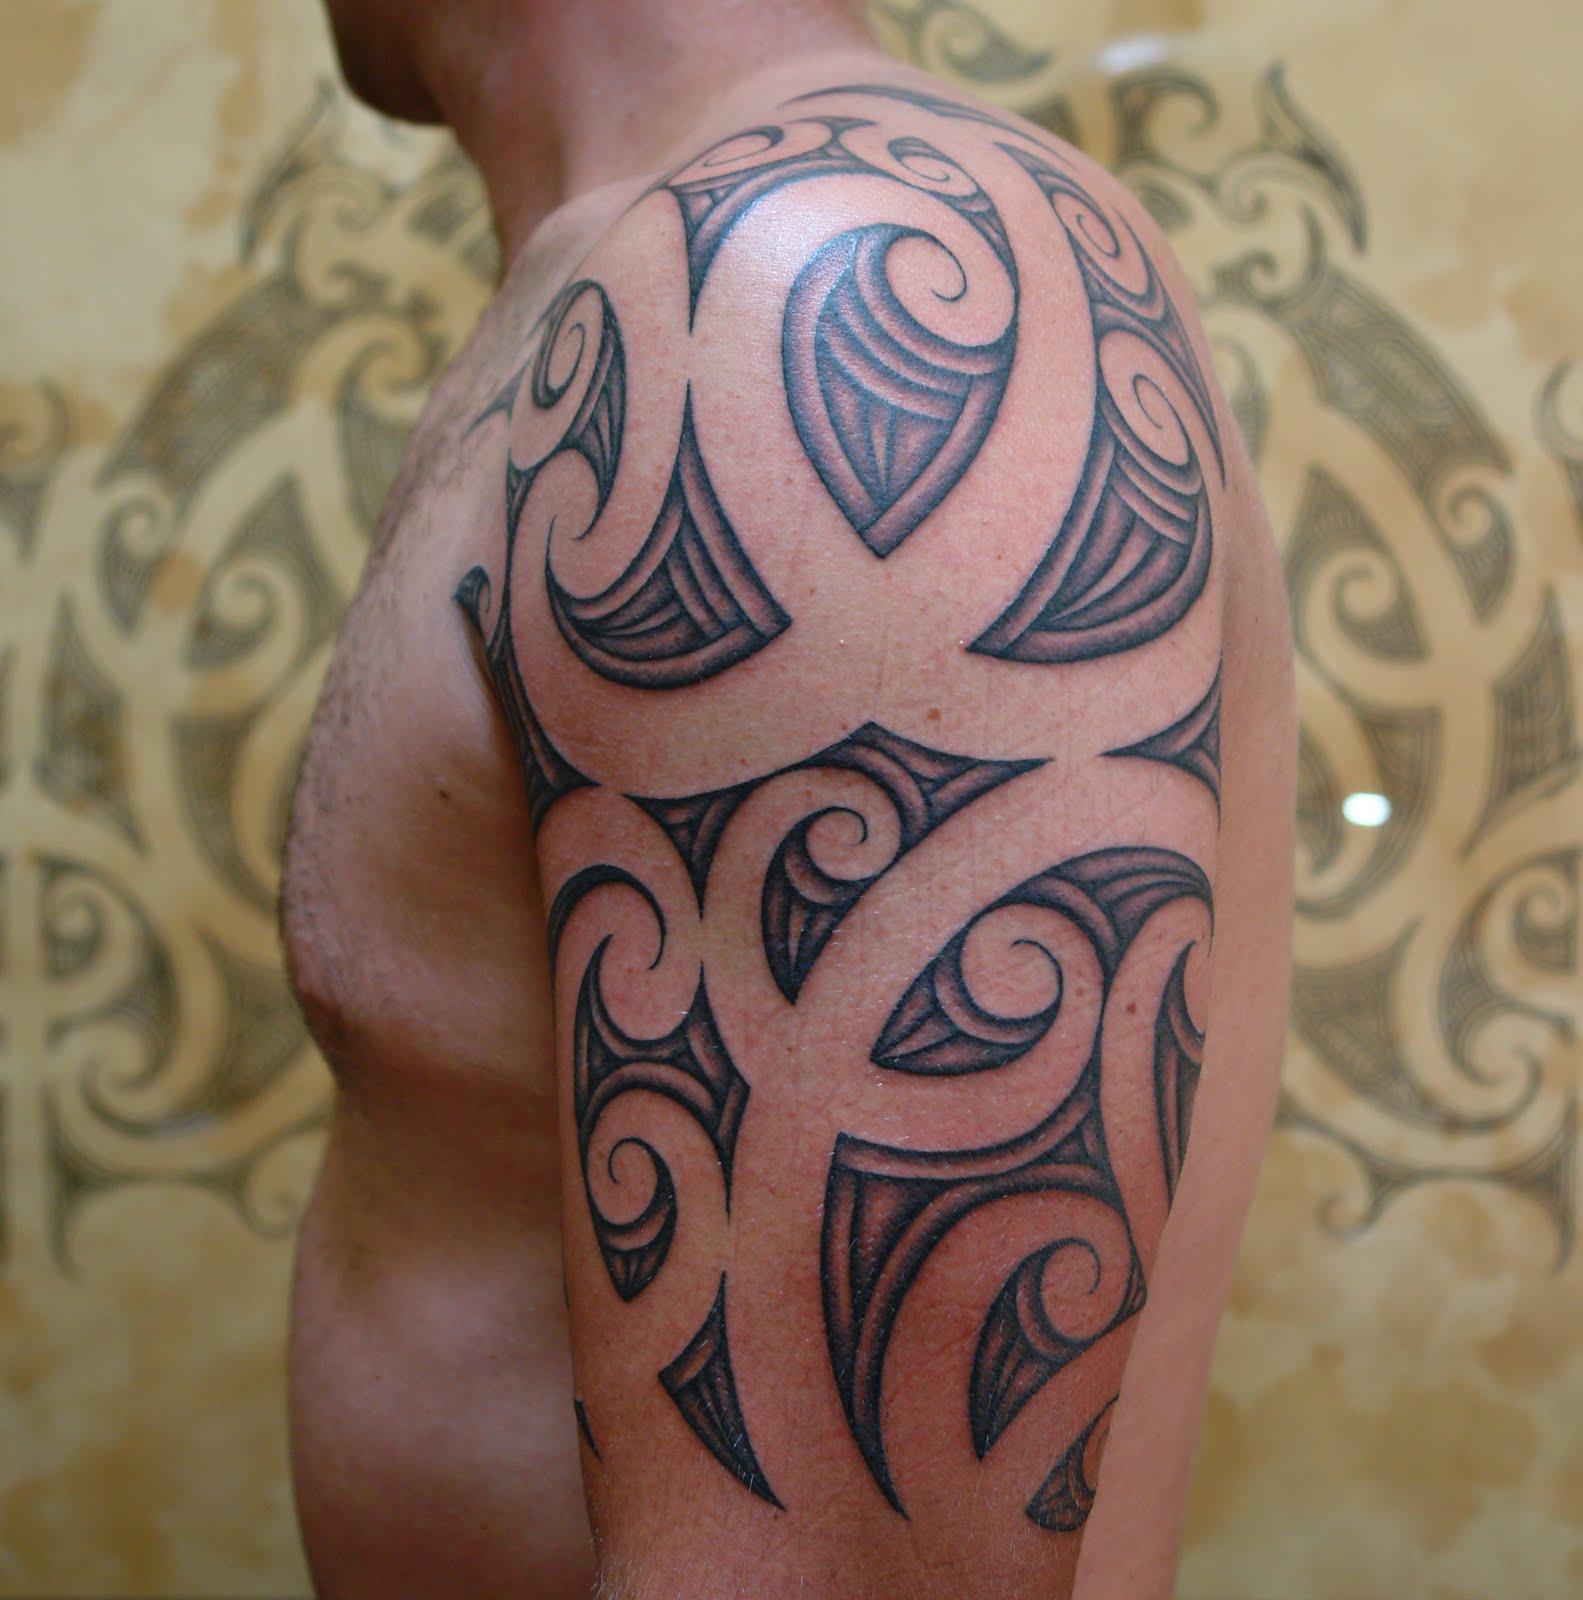 Tribal Maori Tattoo: Body Art World Tattoos: Maori Tattoo Art And Traditional